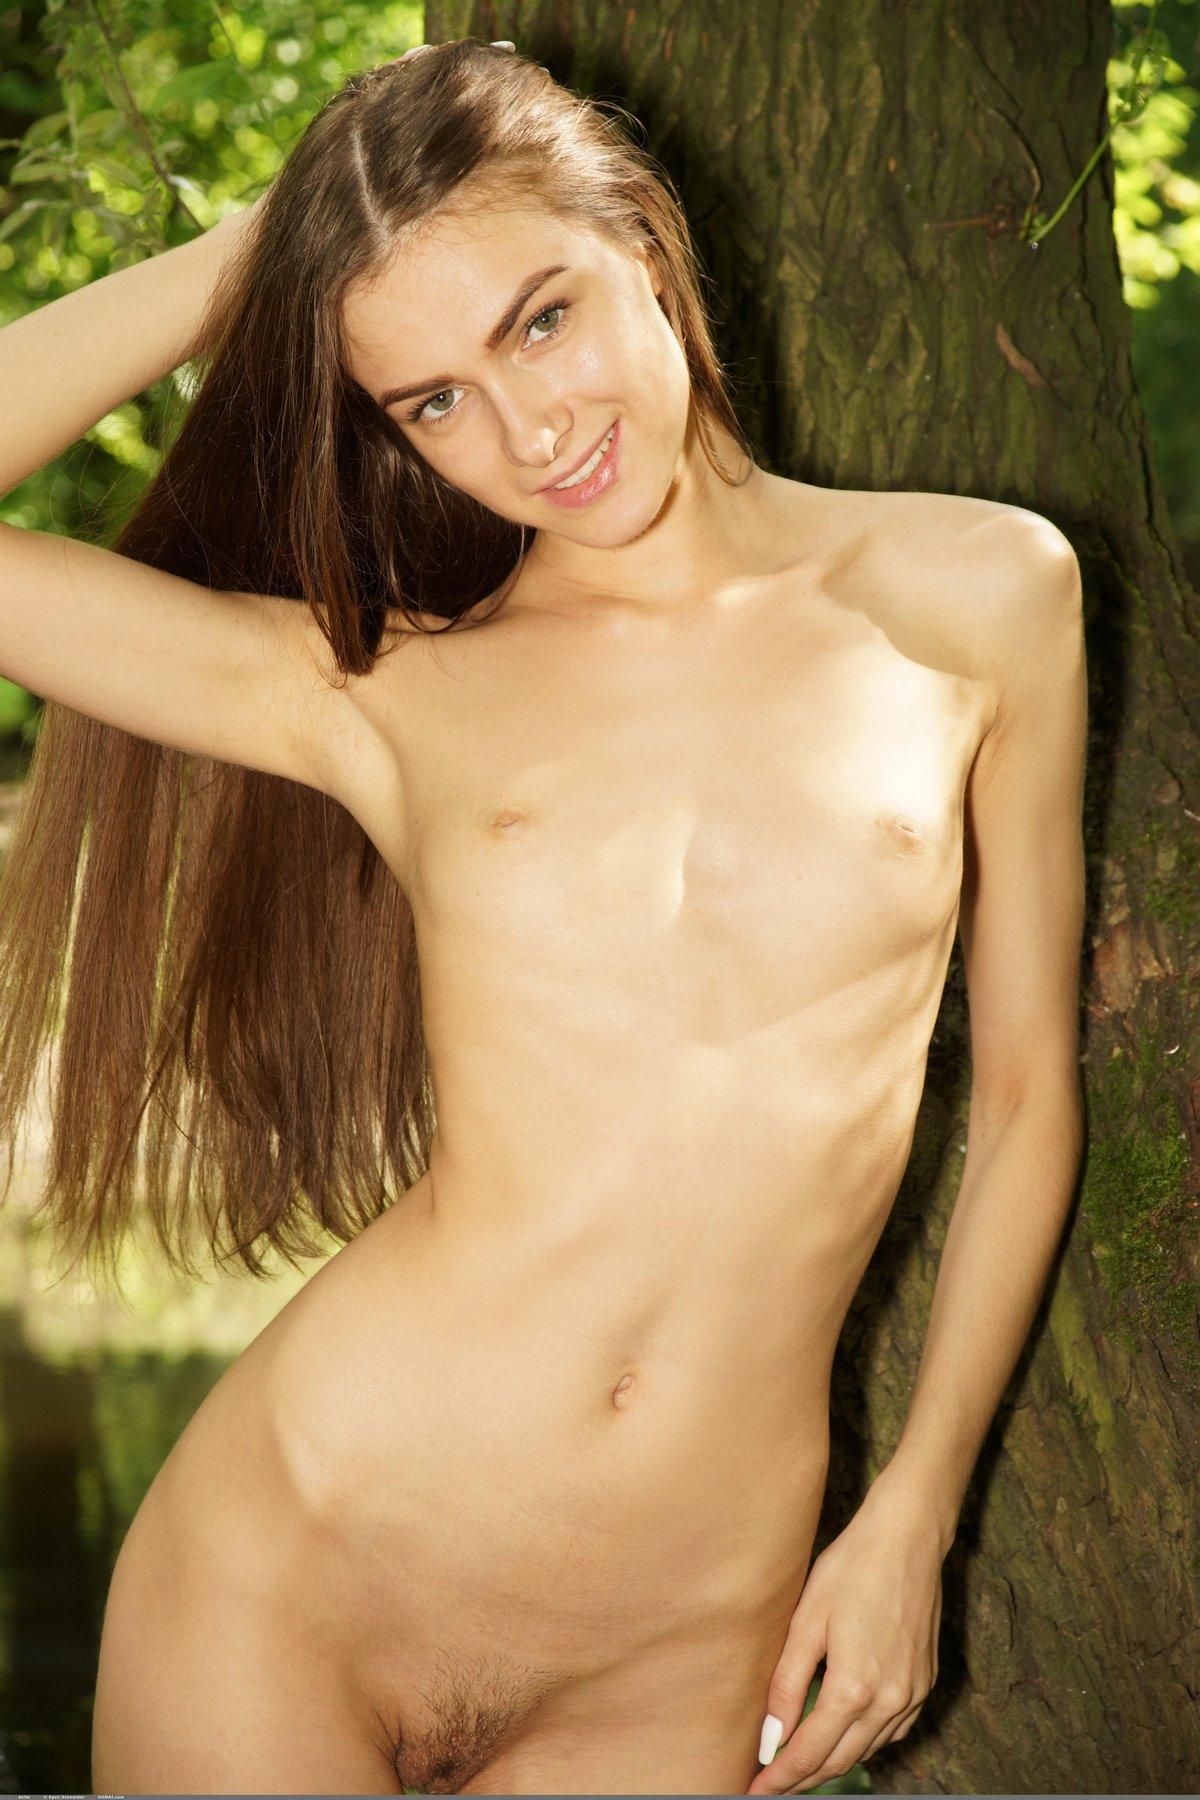 Фото ню красивой тёлки с красивыми волосами в саду